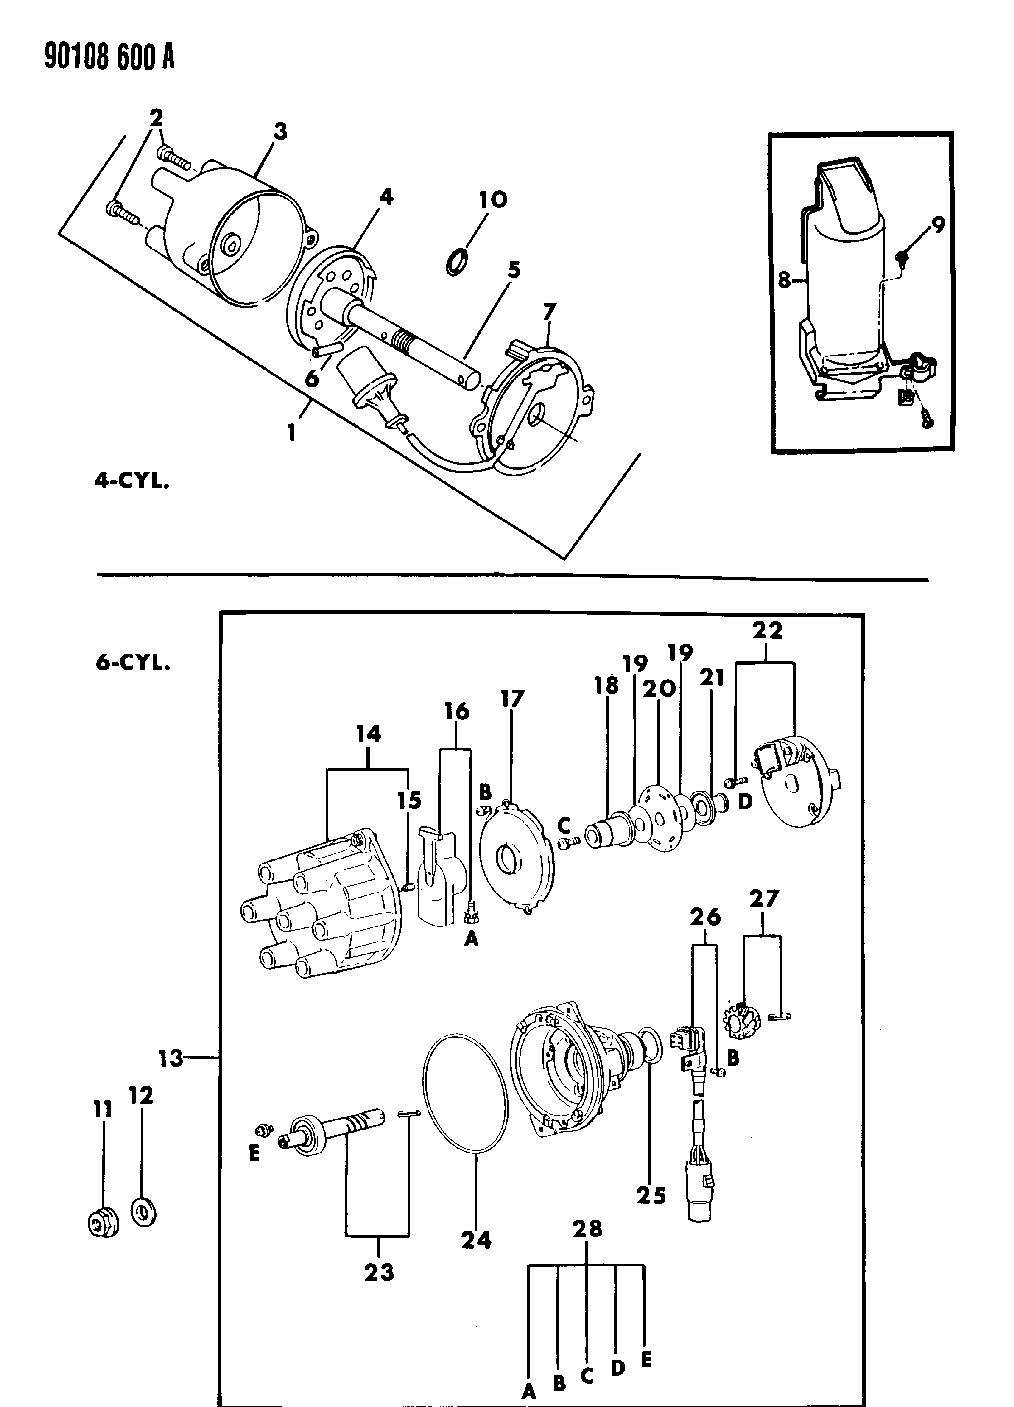 1990 dodge dynasty wiring diagram 1990 dodge dynasty distributor mopar parts giant  dodge dynasty distributor mopar parts